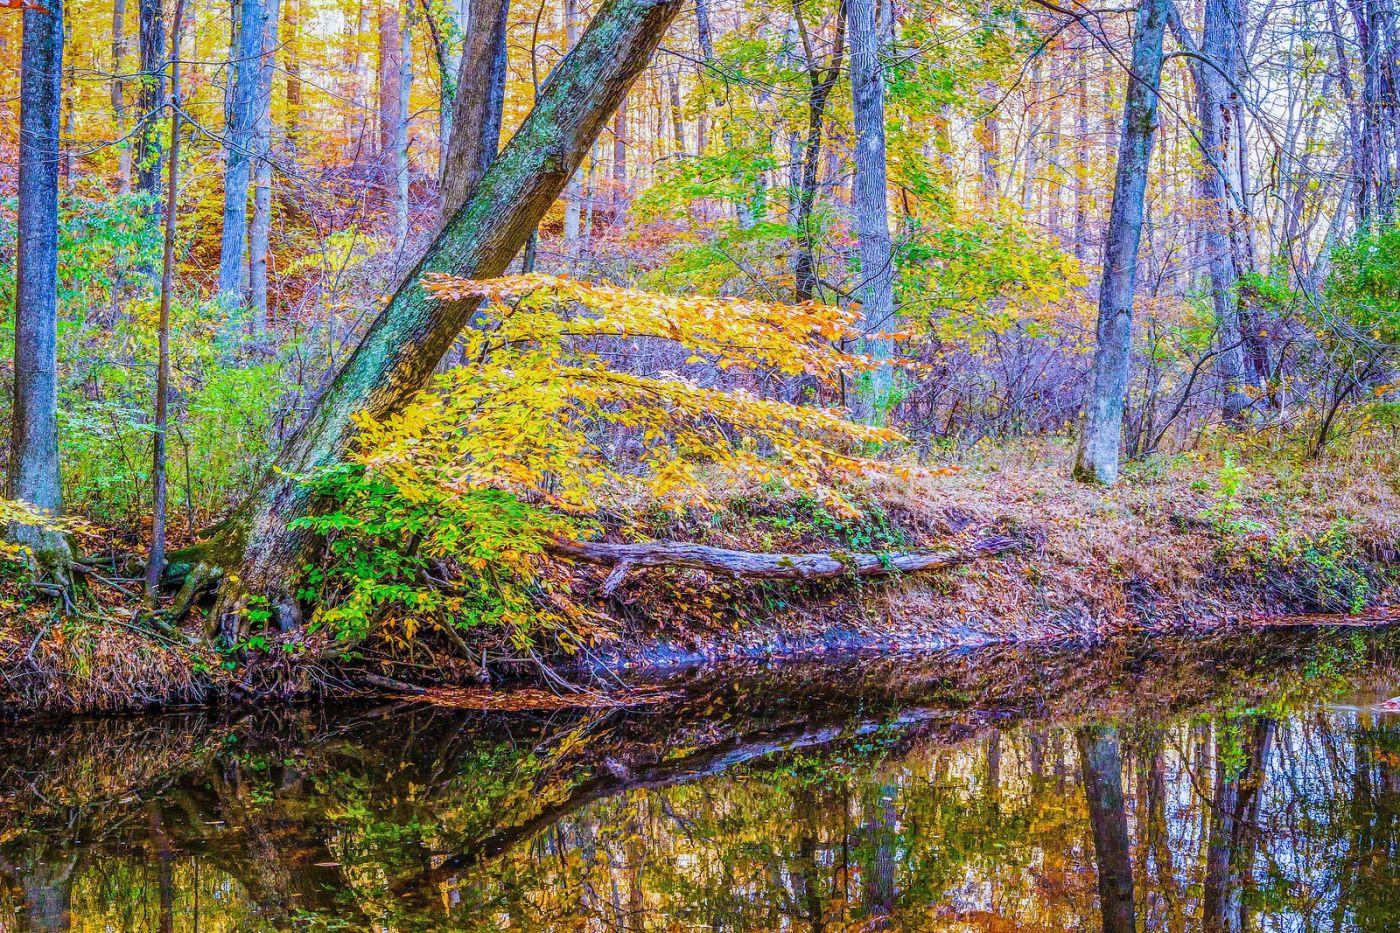 宾州雷德利克里克公园(Ridley creek park),如梦的画面_图1-40